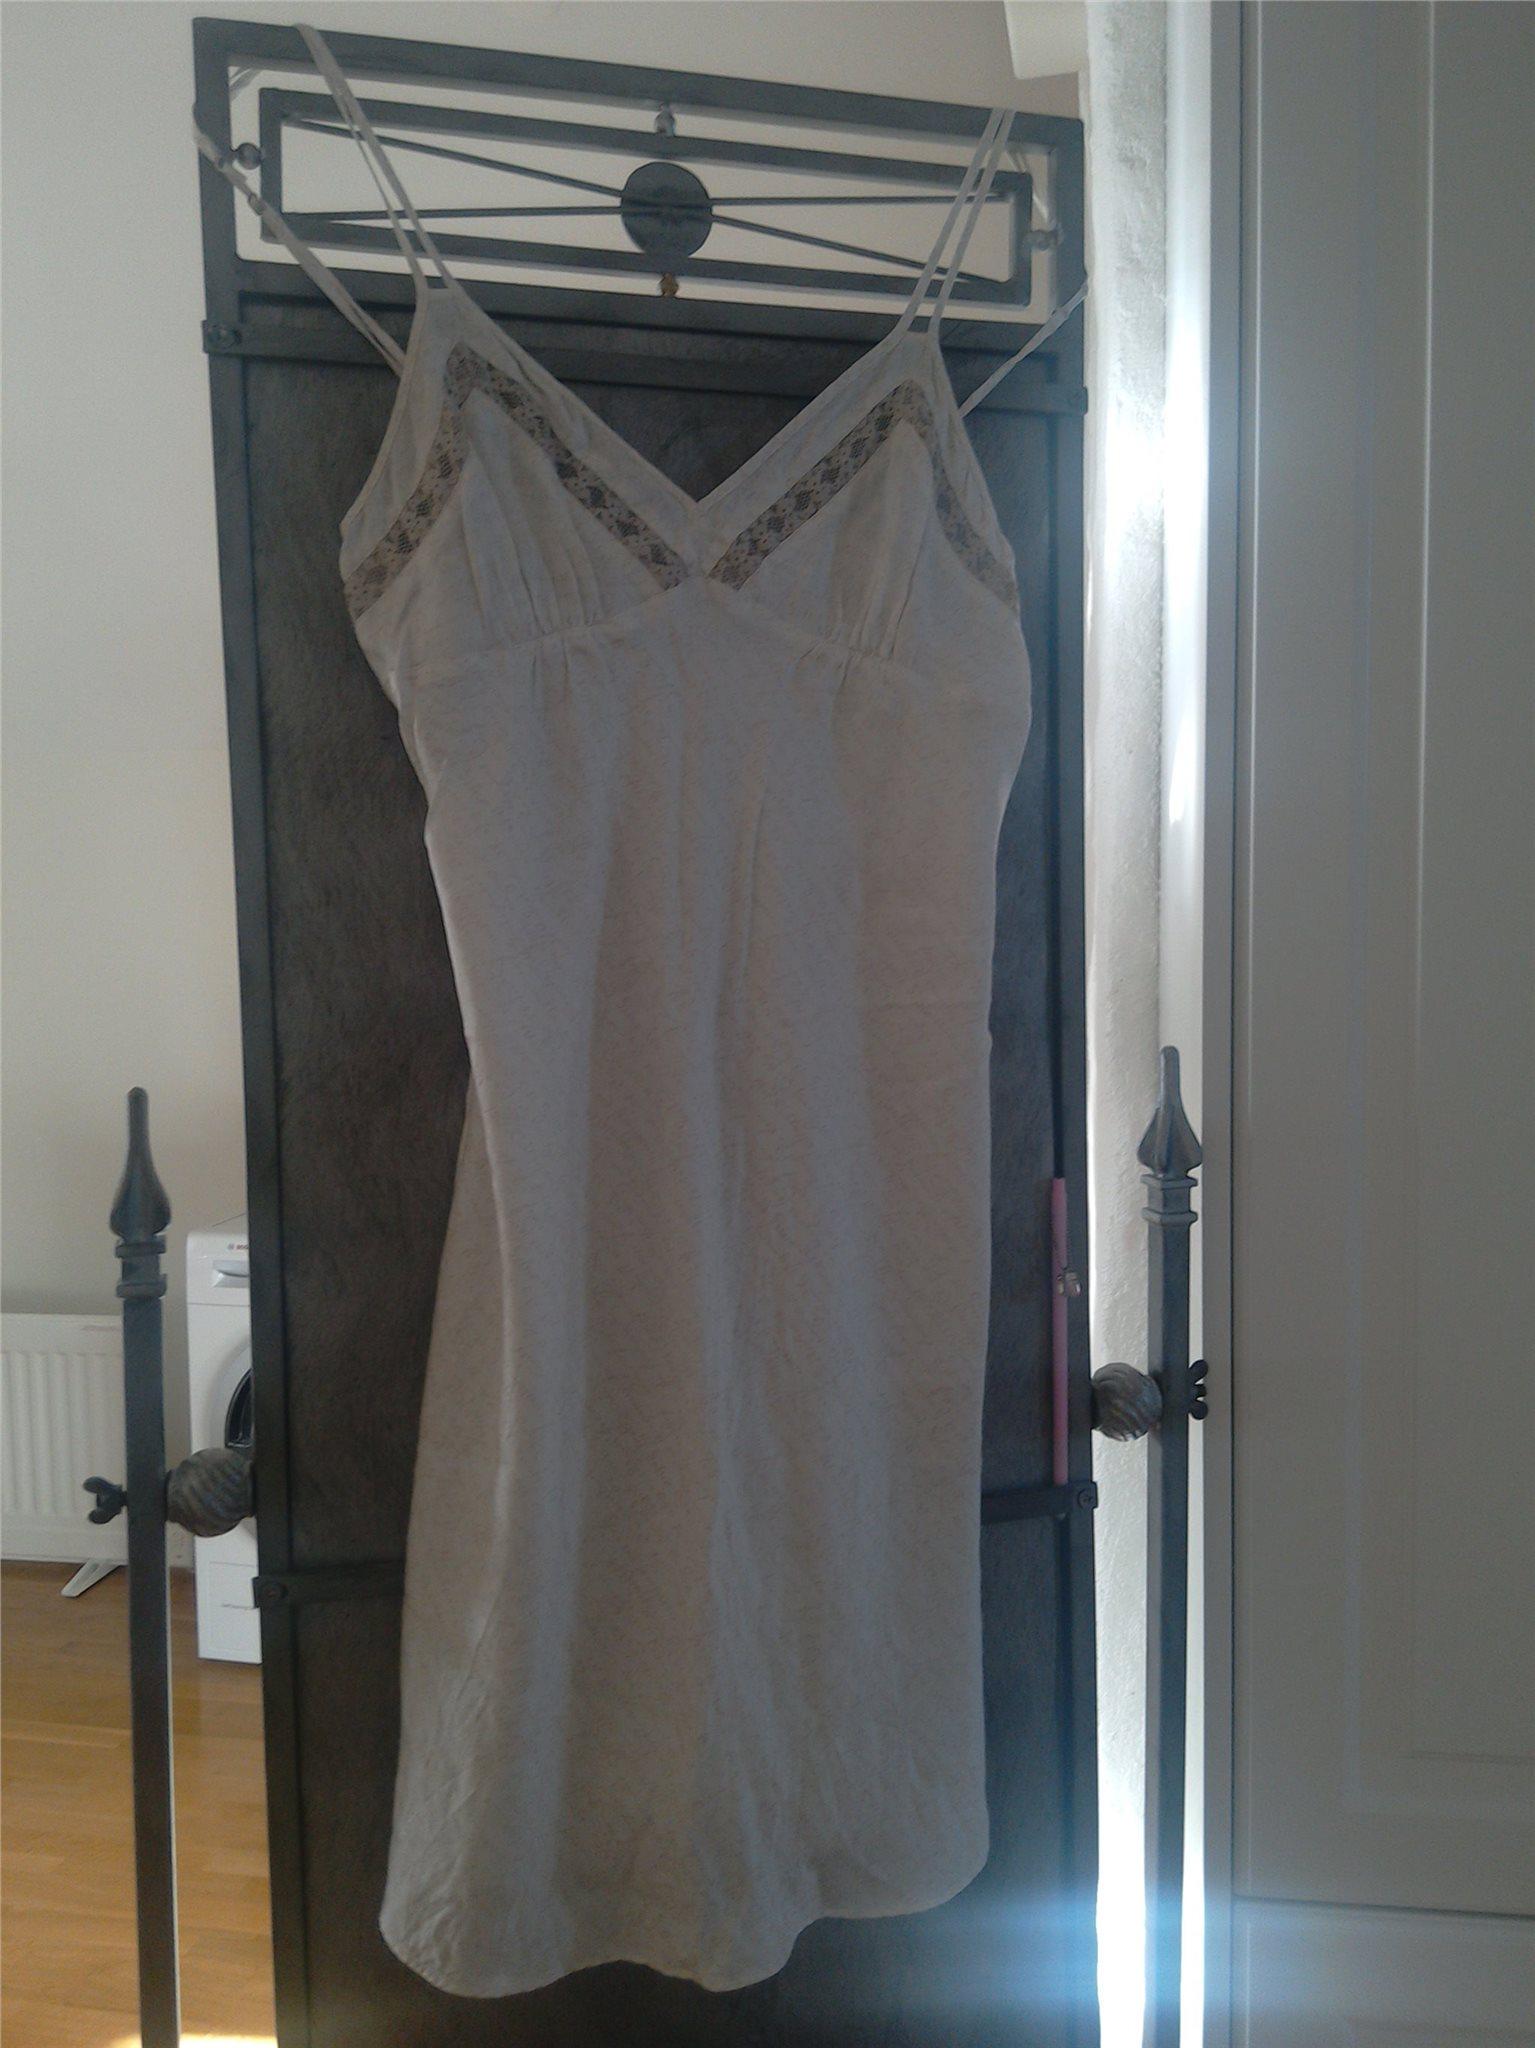 Fin nattlinne i silke   siden stl 38-40 (327050724) ᐈ Köp på Tradera 2a4b21e09bd1b